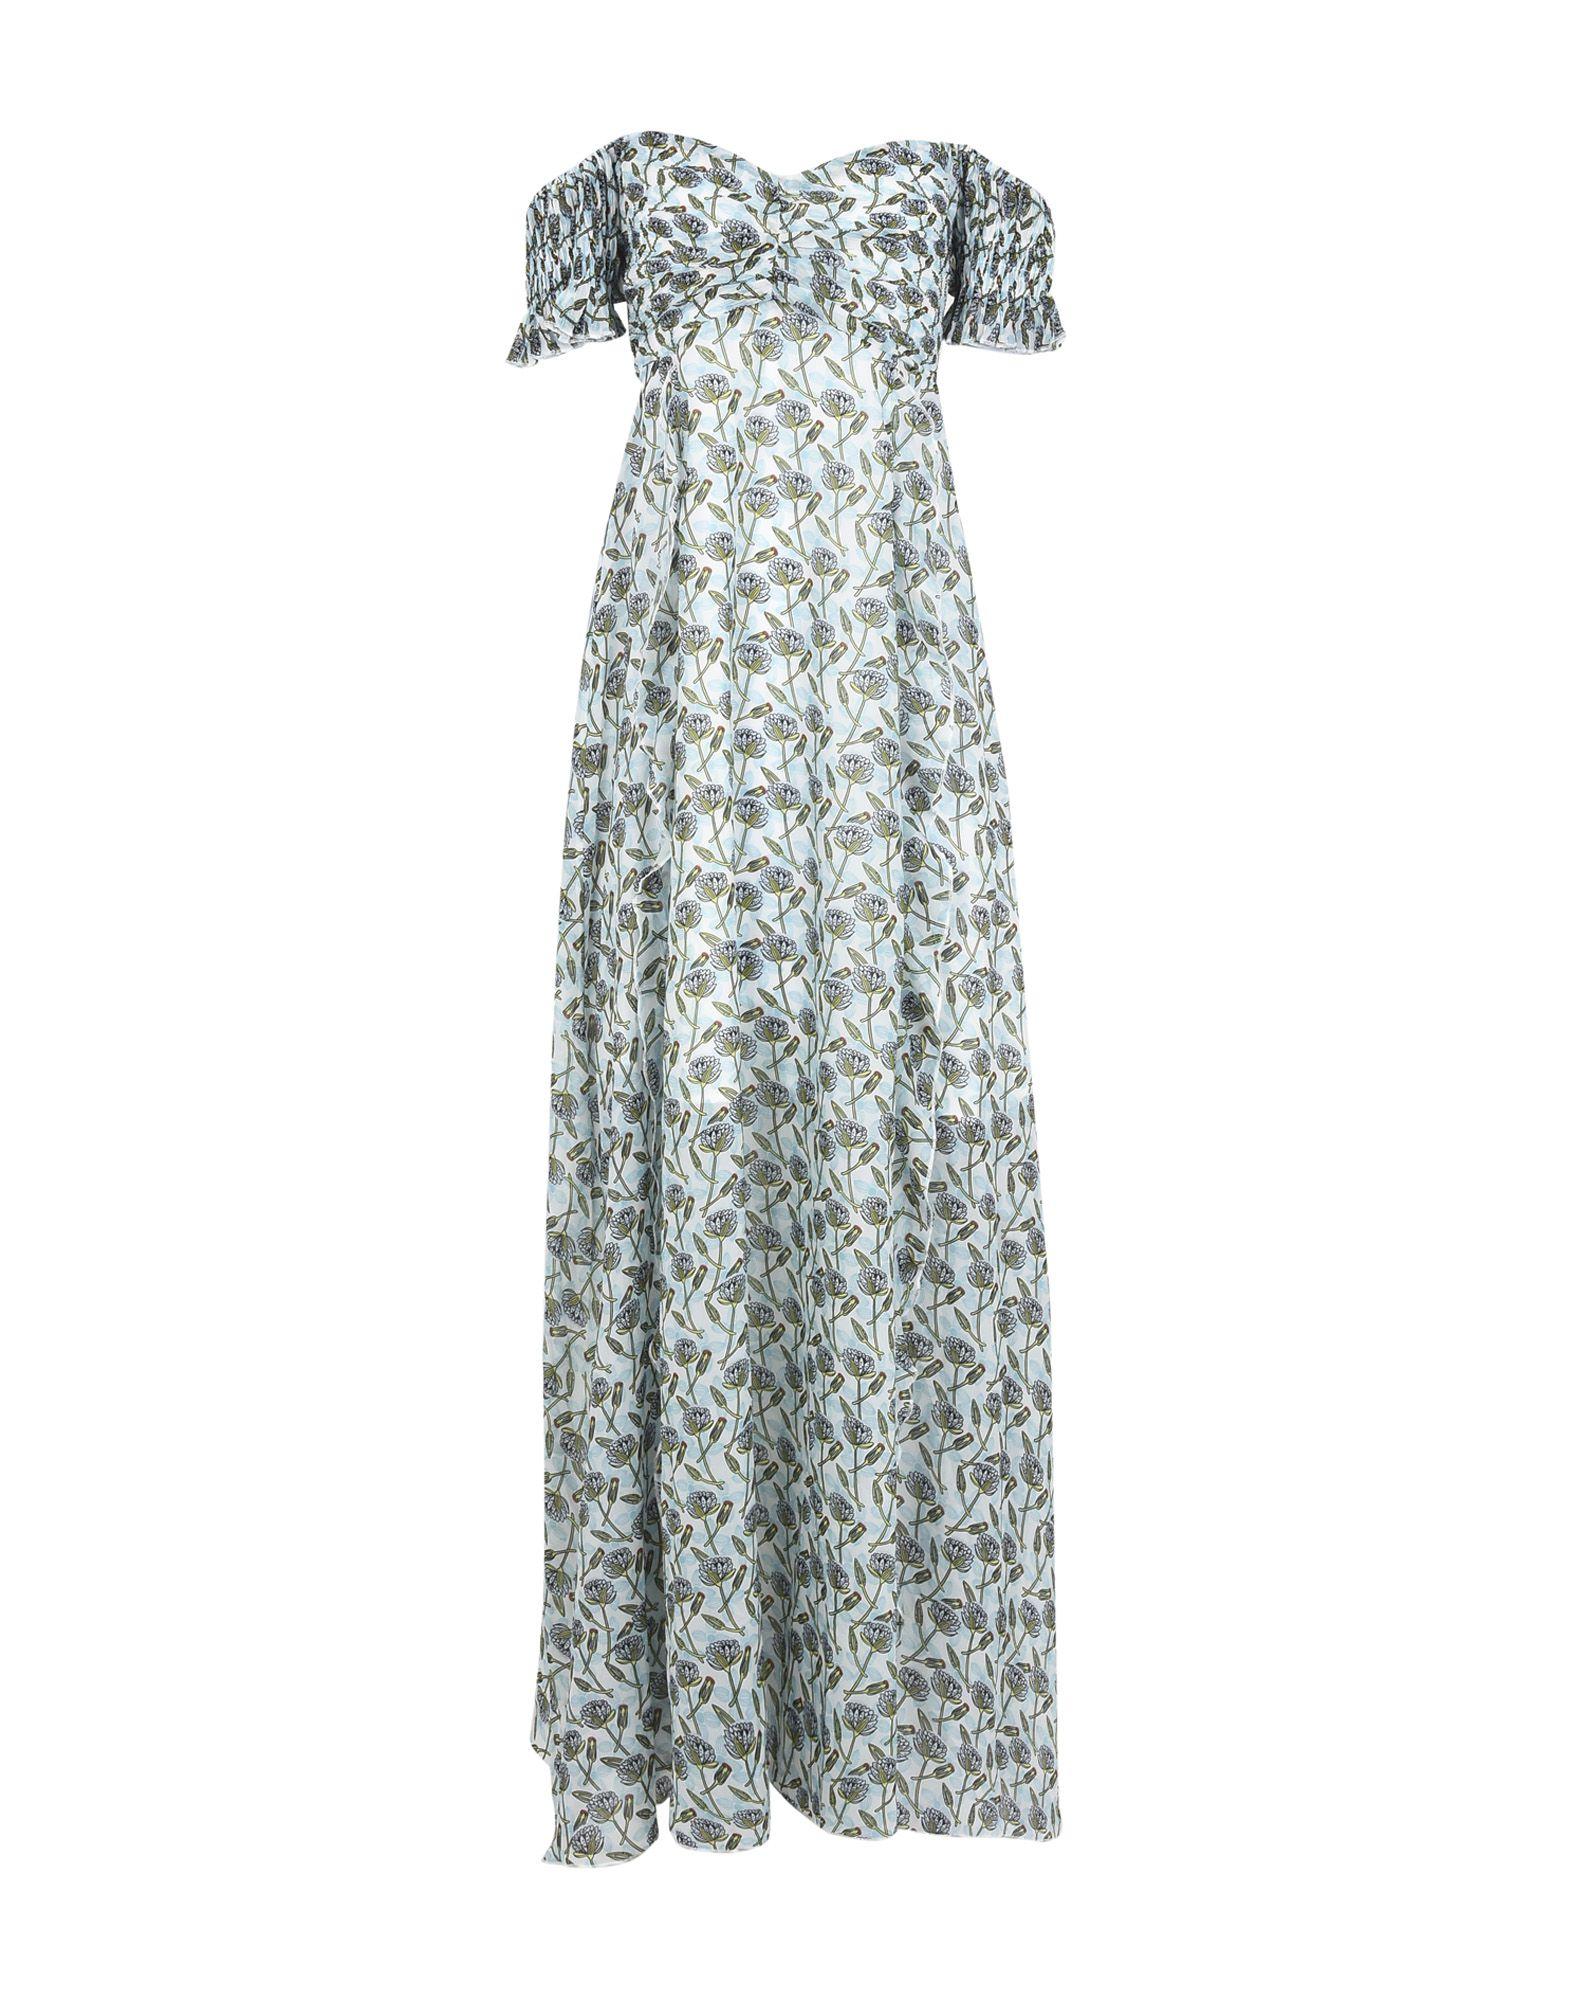 《送料無料》FOXIEDOX レディース ロングワンピース&ドレス ビタミングリーン L ポリエステル 100% LEXIE DRESS